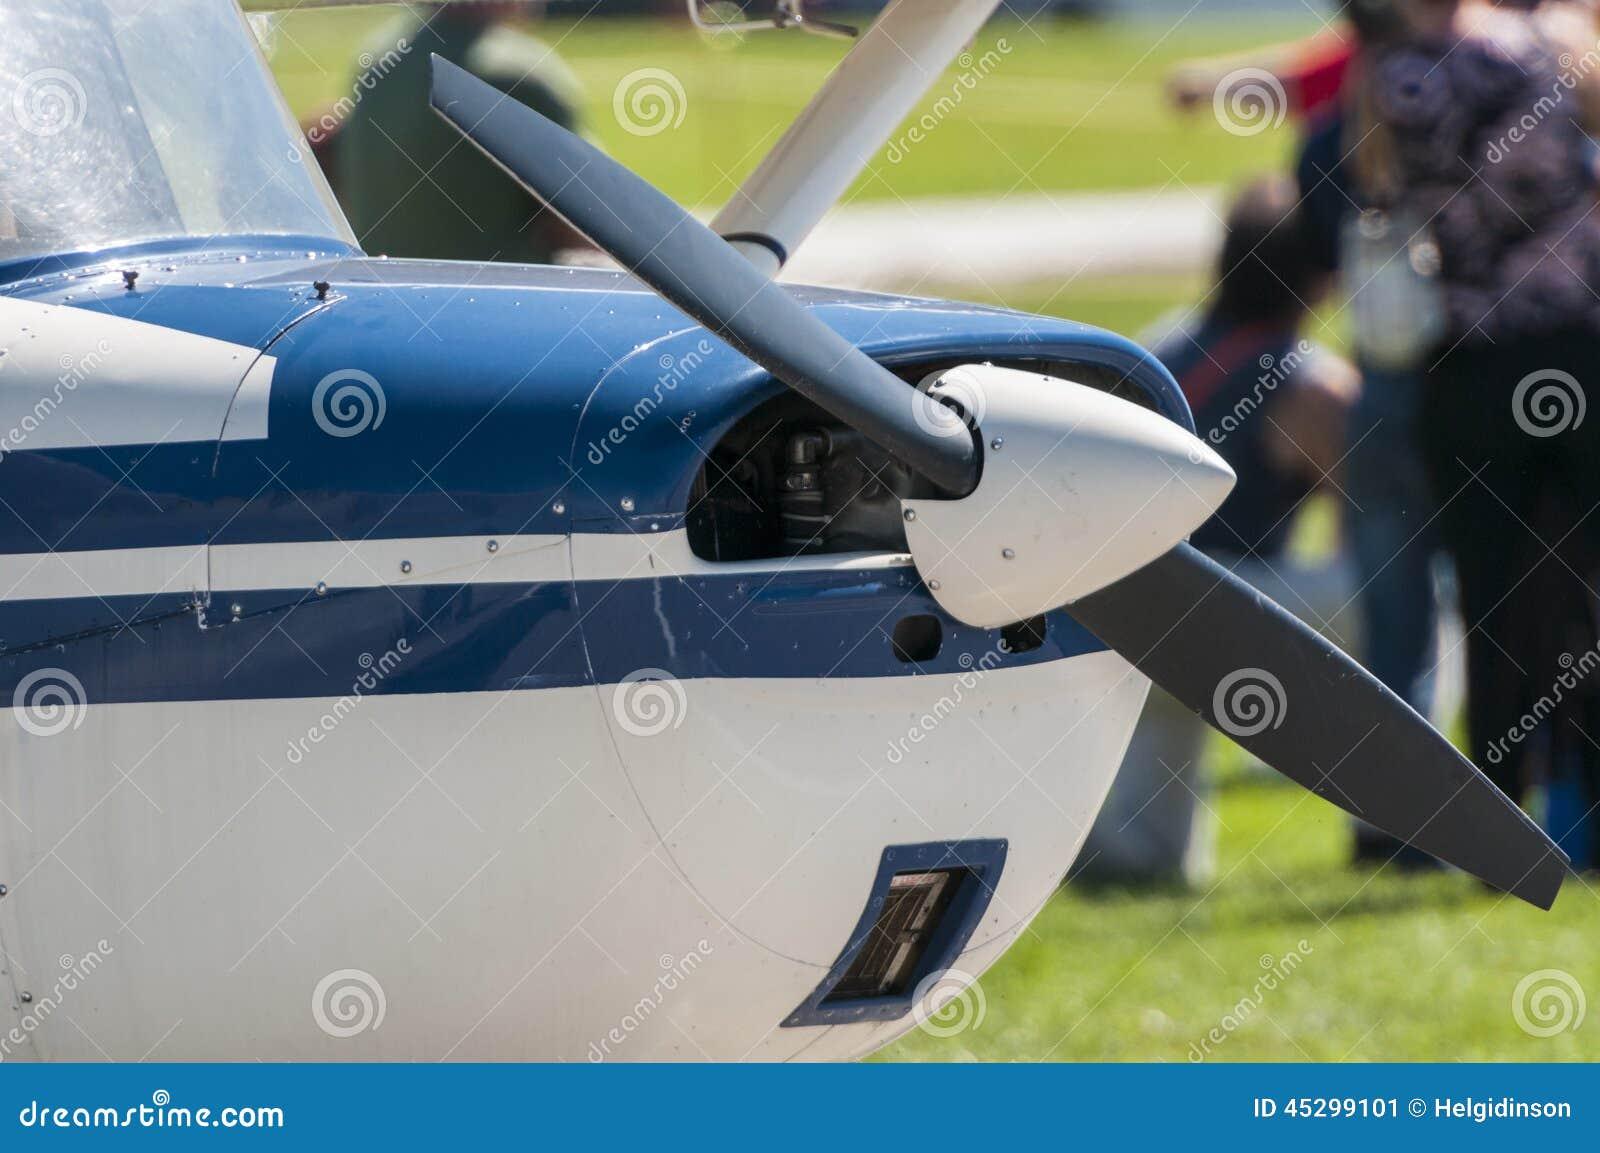 Single engine plane stock image. Image of landing ...